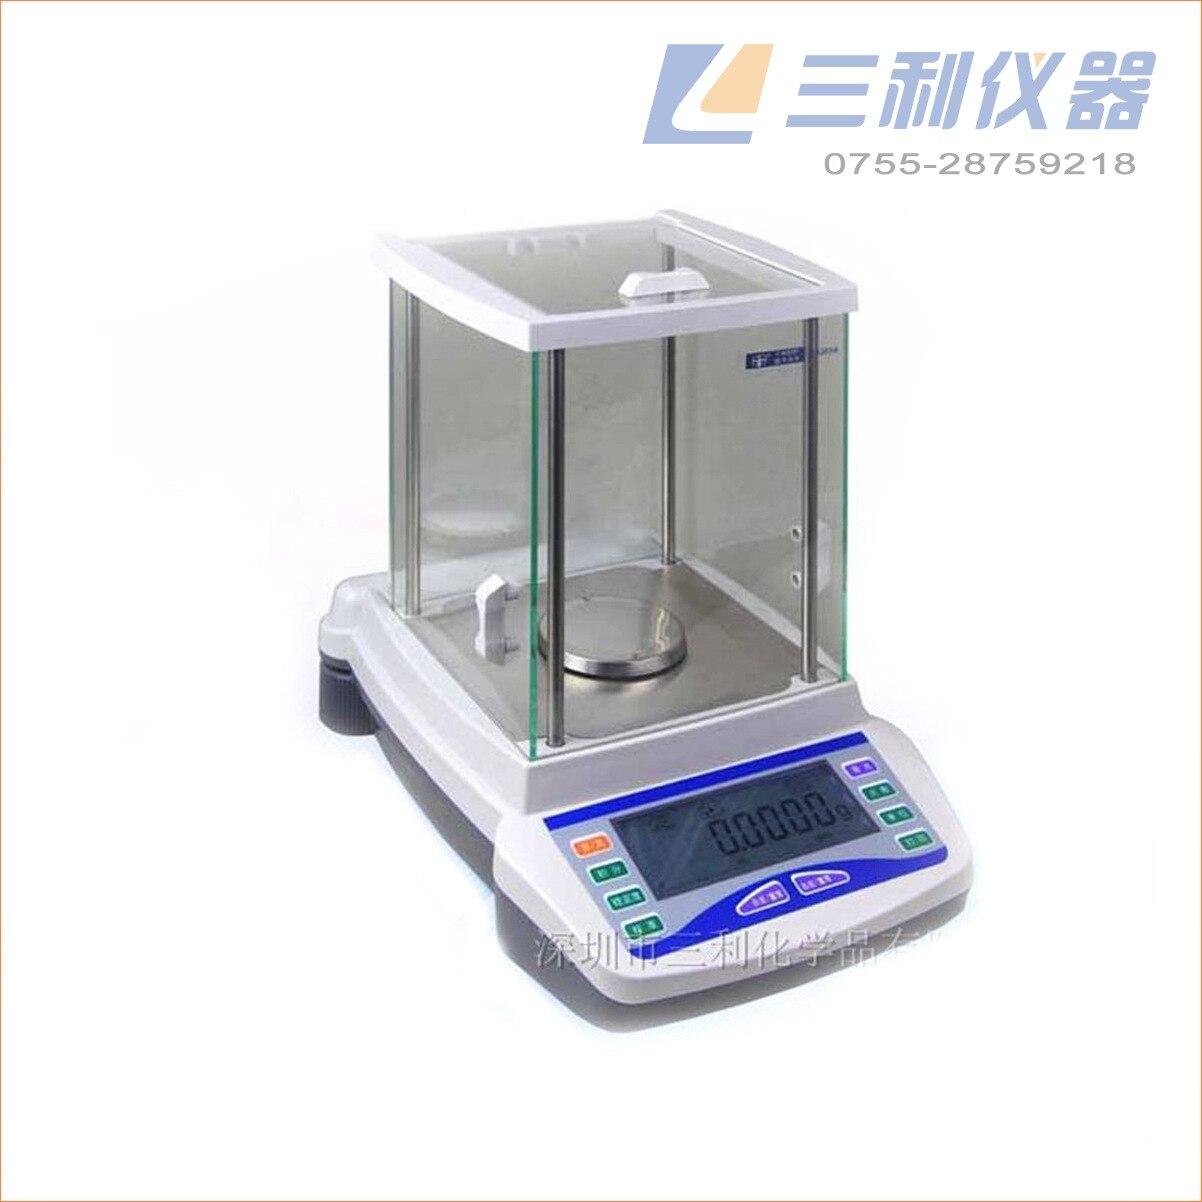 Elettronica bilancia analitica 0.1 mg 1/10000 di alta precisione bilancia elettronicaElettronica bilancia analitica 0.1 mg 1/10000 di alta precisione bilancia elettronica